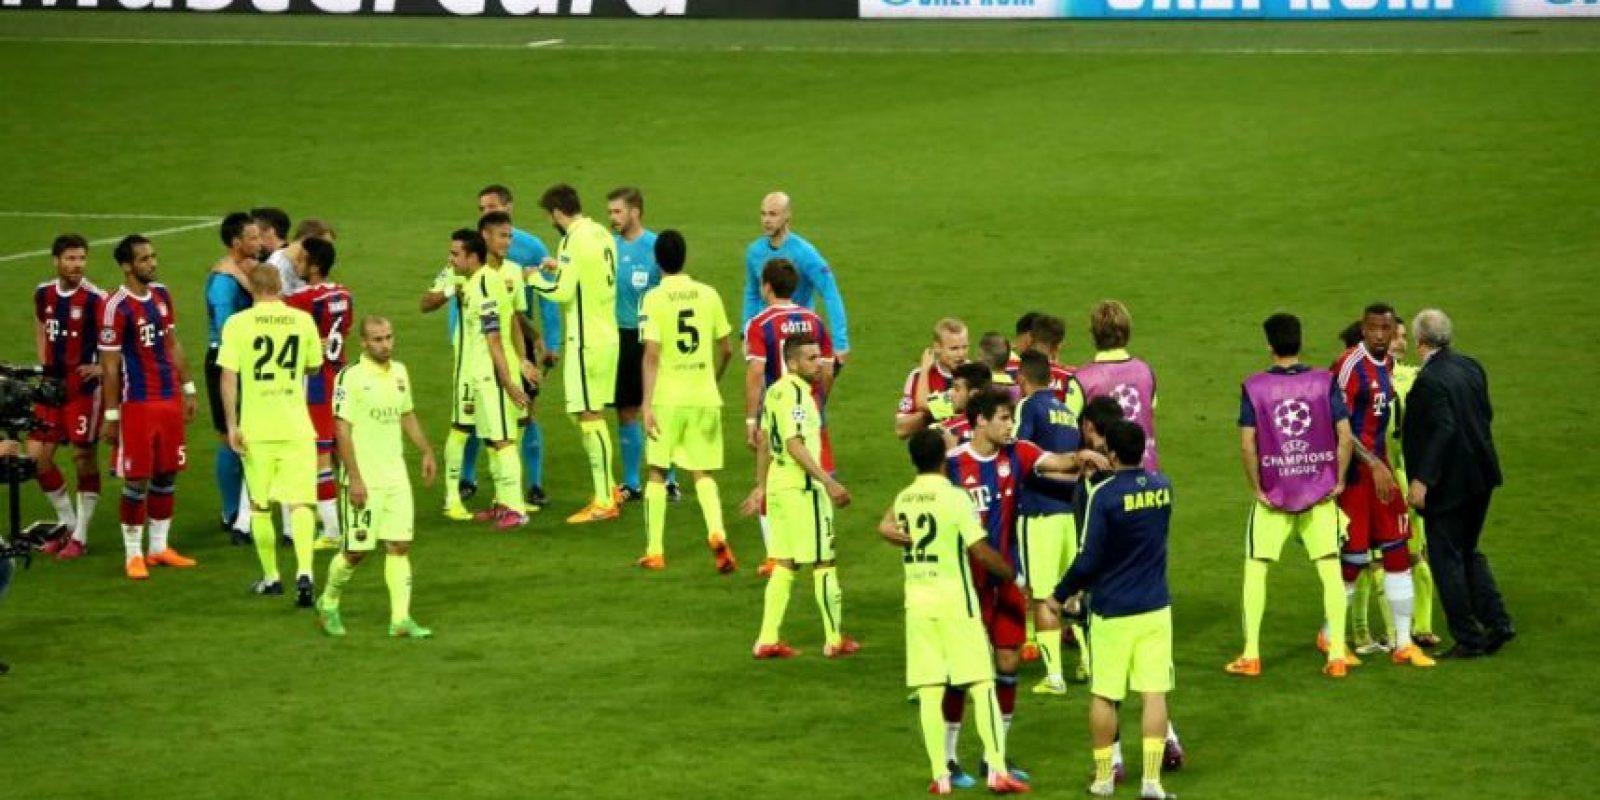 Esta será la cuarta final de Champions League del Barça en 10 años. Foto:Vía twitter.com/fcbayern